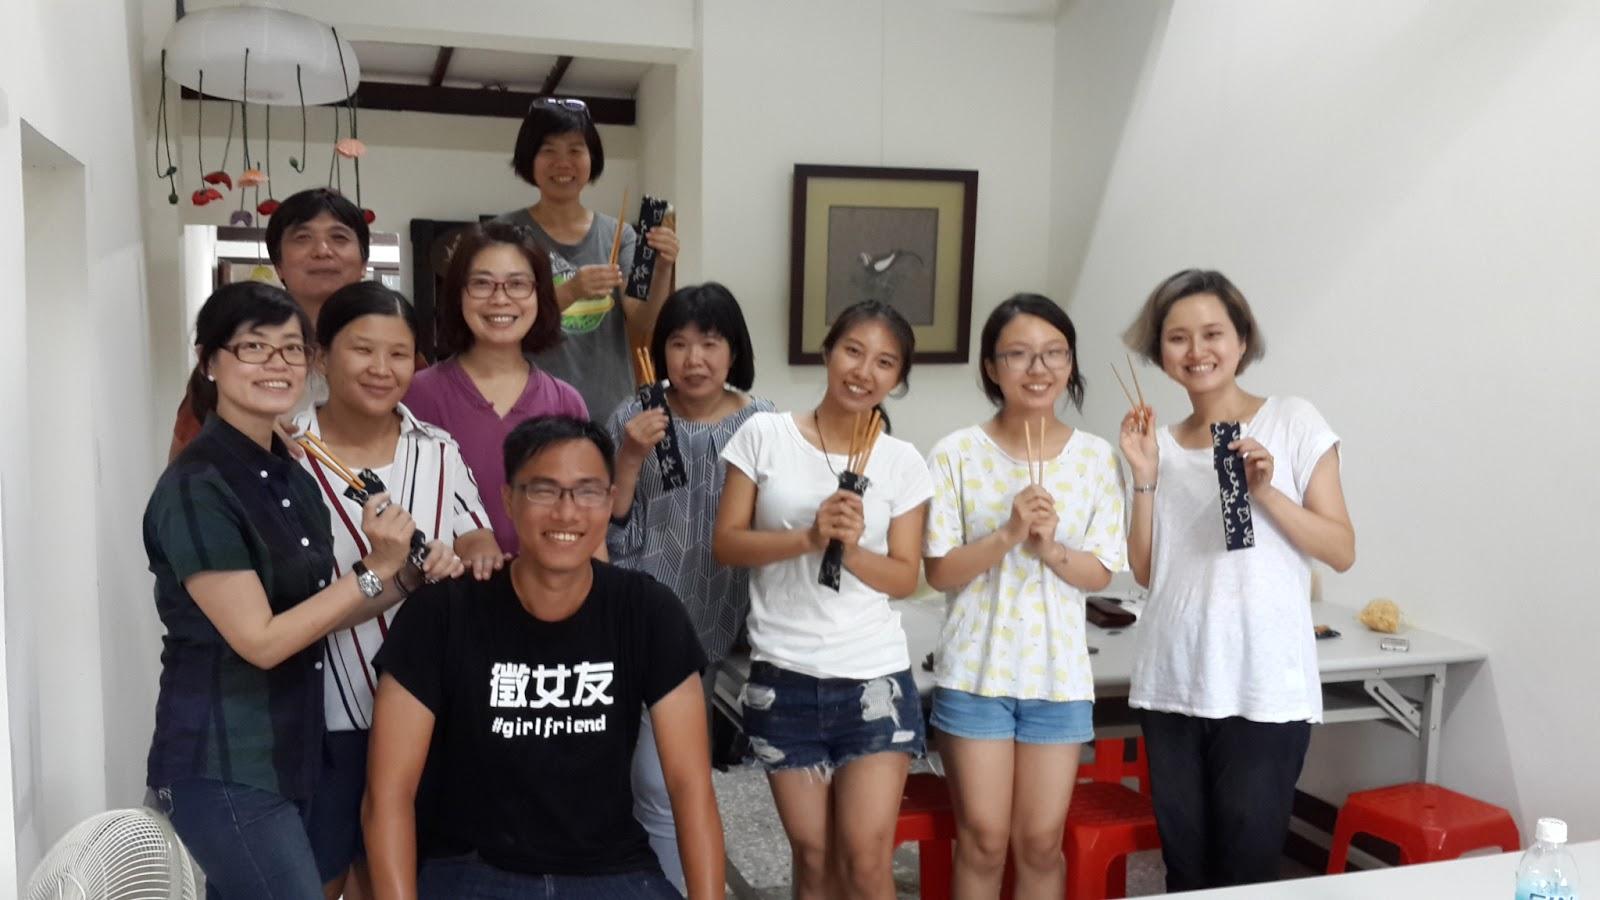 2016/8/12第一期「筷」意生活複合媒材體驗課圓滿成功